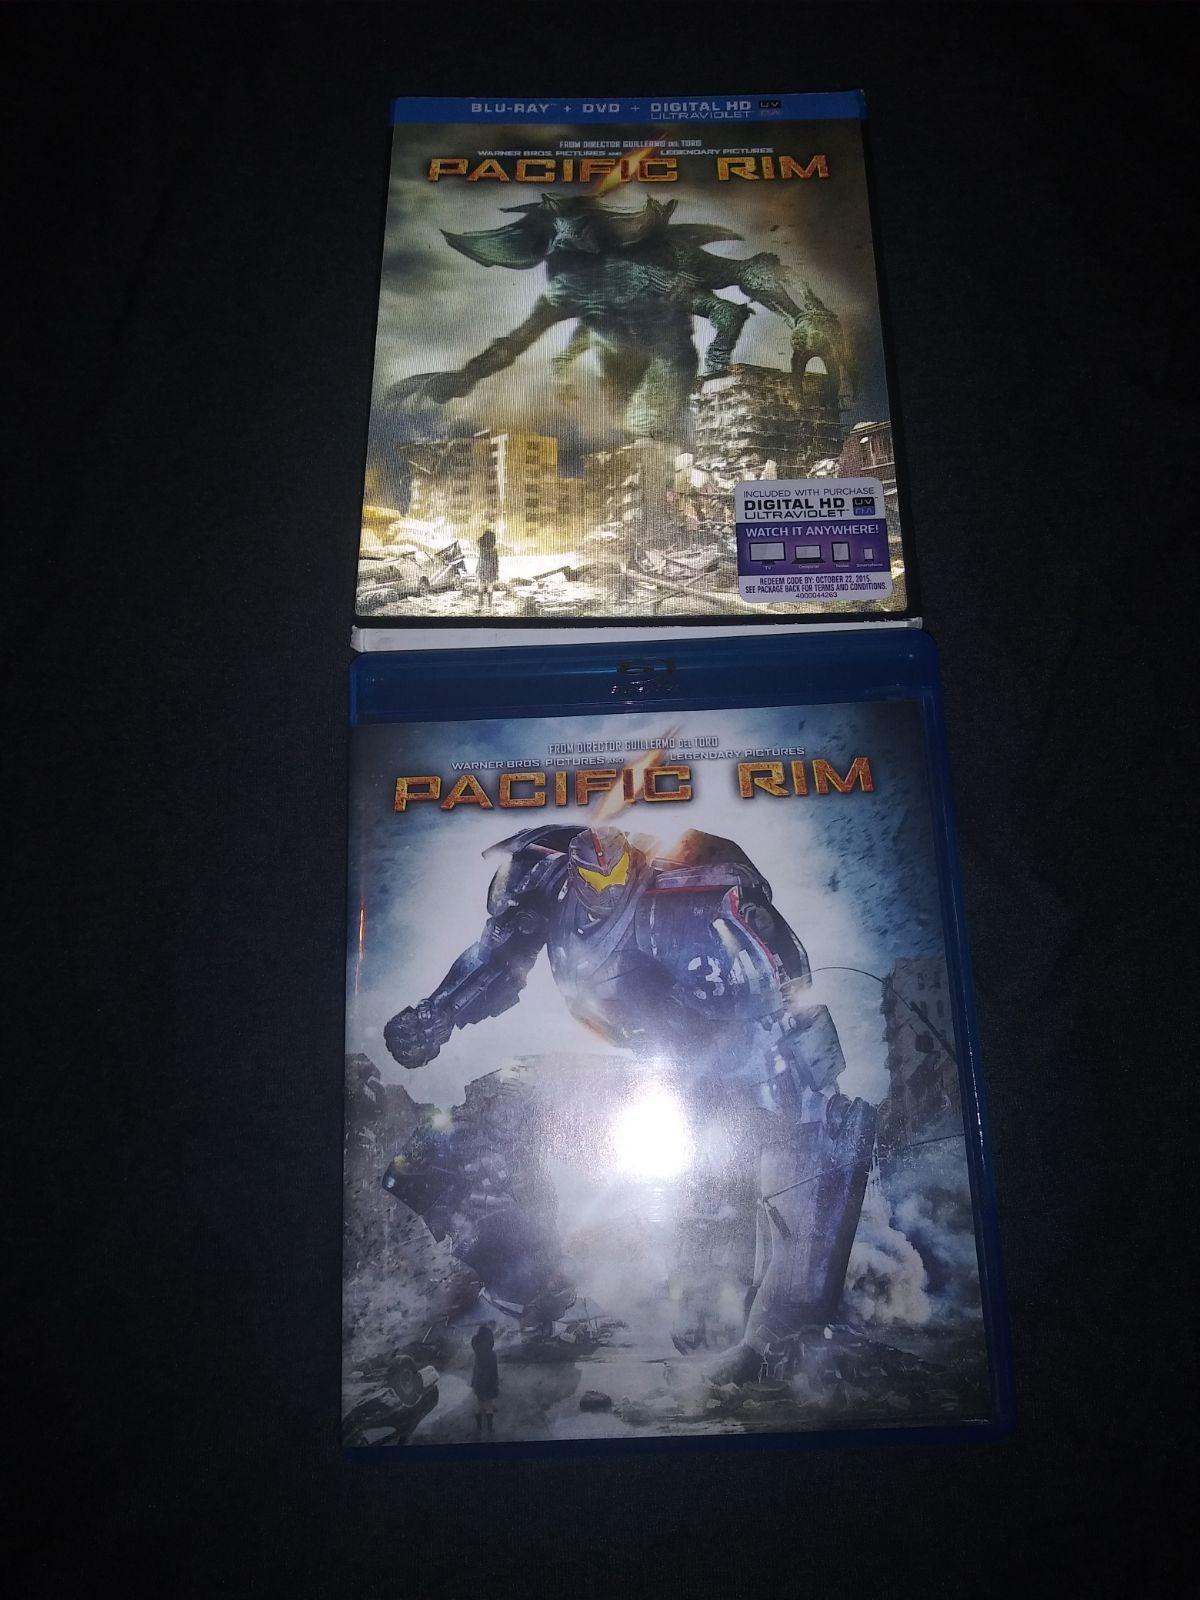 Pacific rum bluray movie blu ray